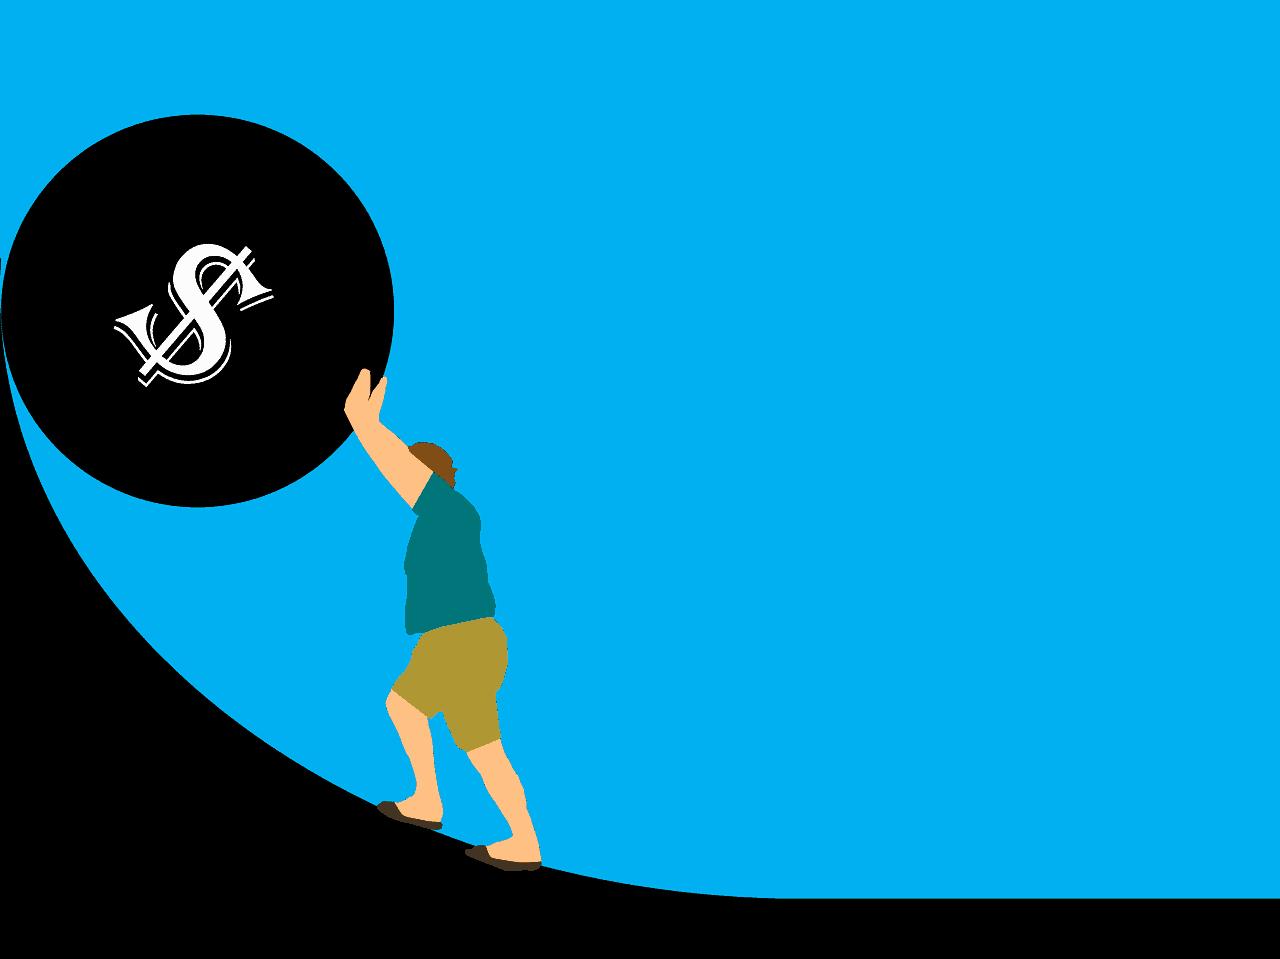 הלוואה לא נכונה